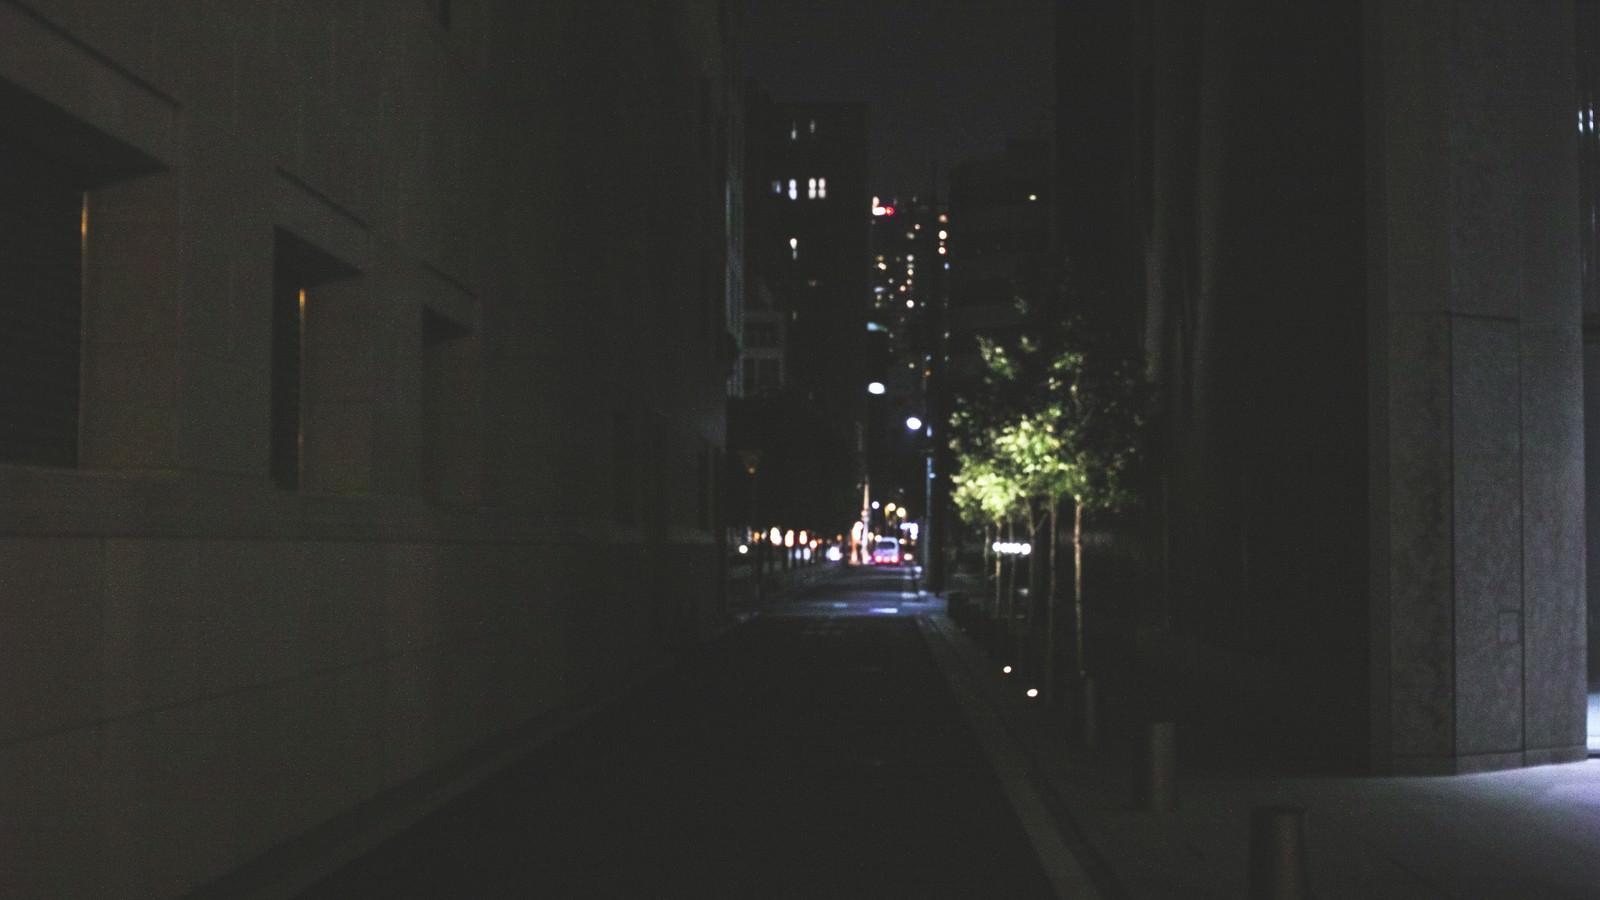 「寝静まったビル街」の写真